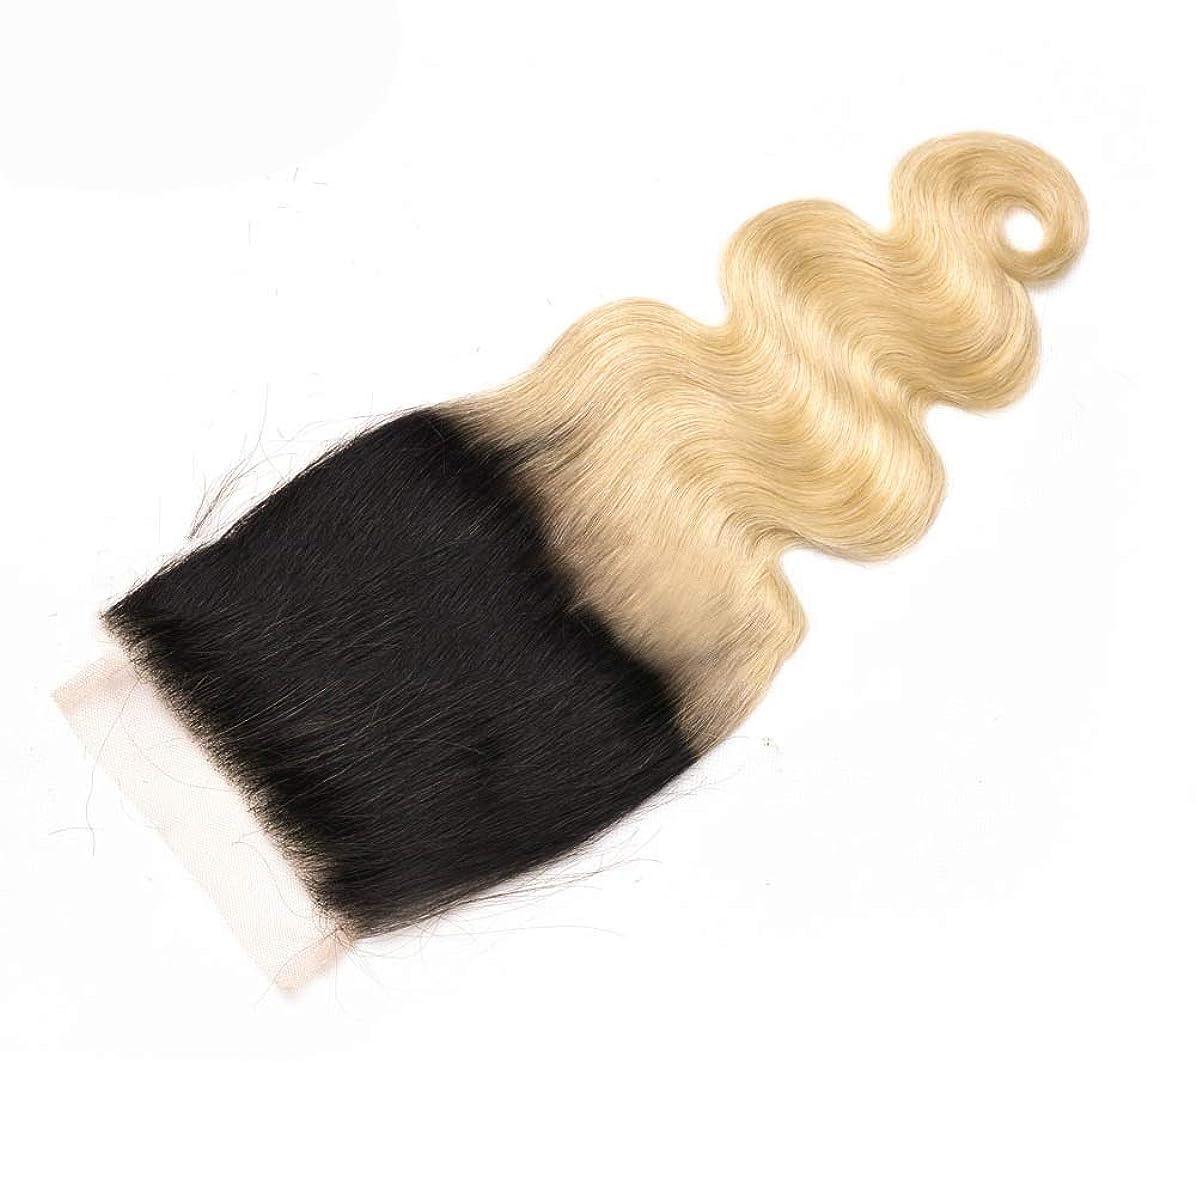 進捗文句を言う印をつけるBOBIDYEE ブラジルの本物の人間の髪の実体波レース前頭閉鎖 - ブロンド2トーンカラーロールプレイングかつら女性の自然なかつらにT1b / 613#黒 (色 : Blonde, サイズ : 12 inch)